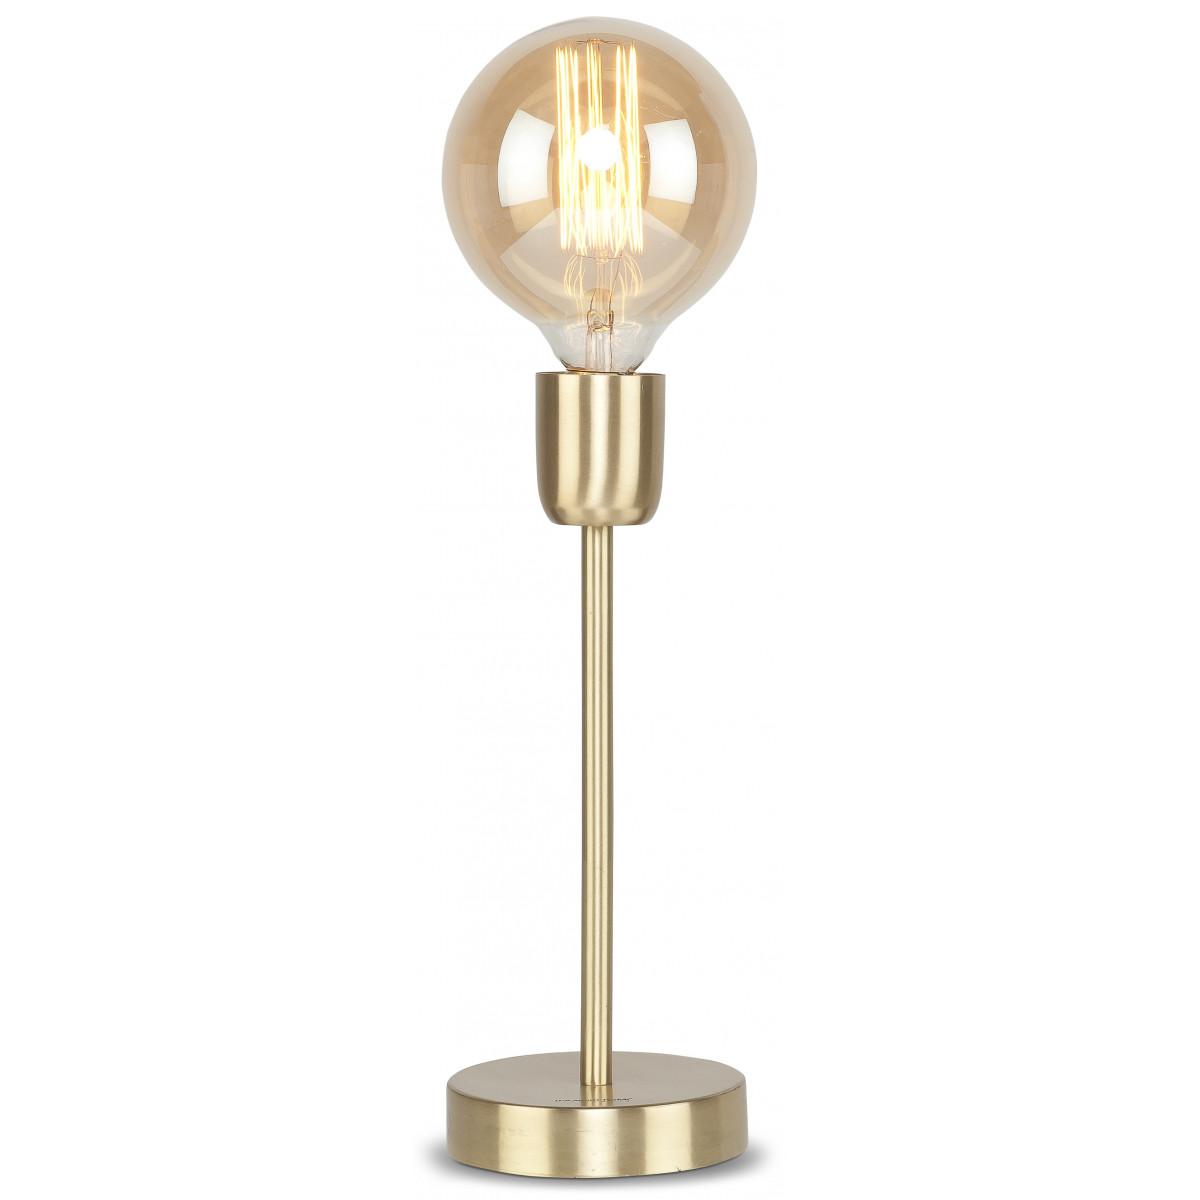 Lampe de table Cannes en fer couleur or ⌀12x30 cm